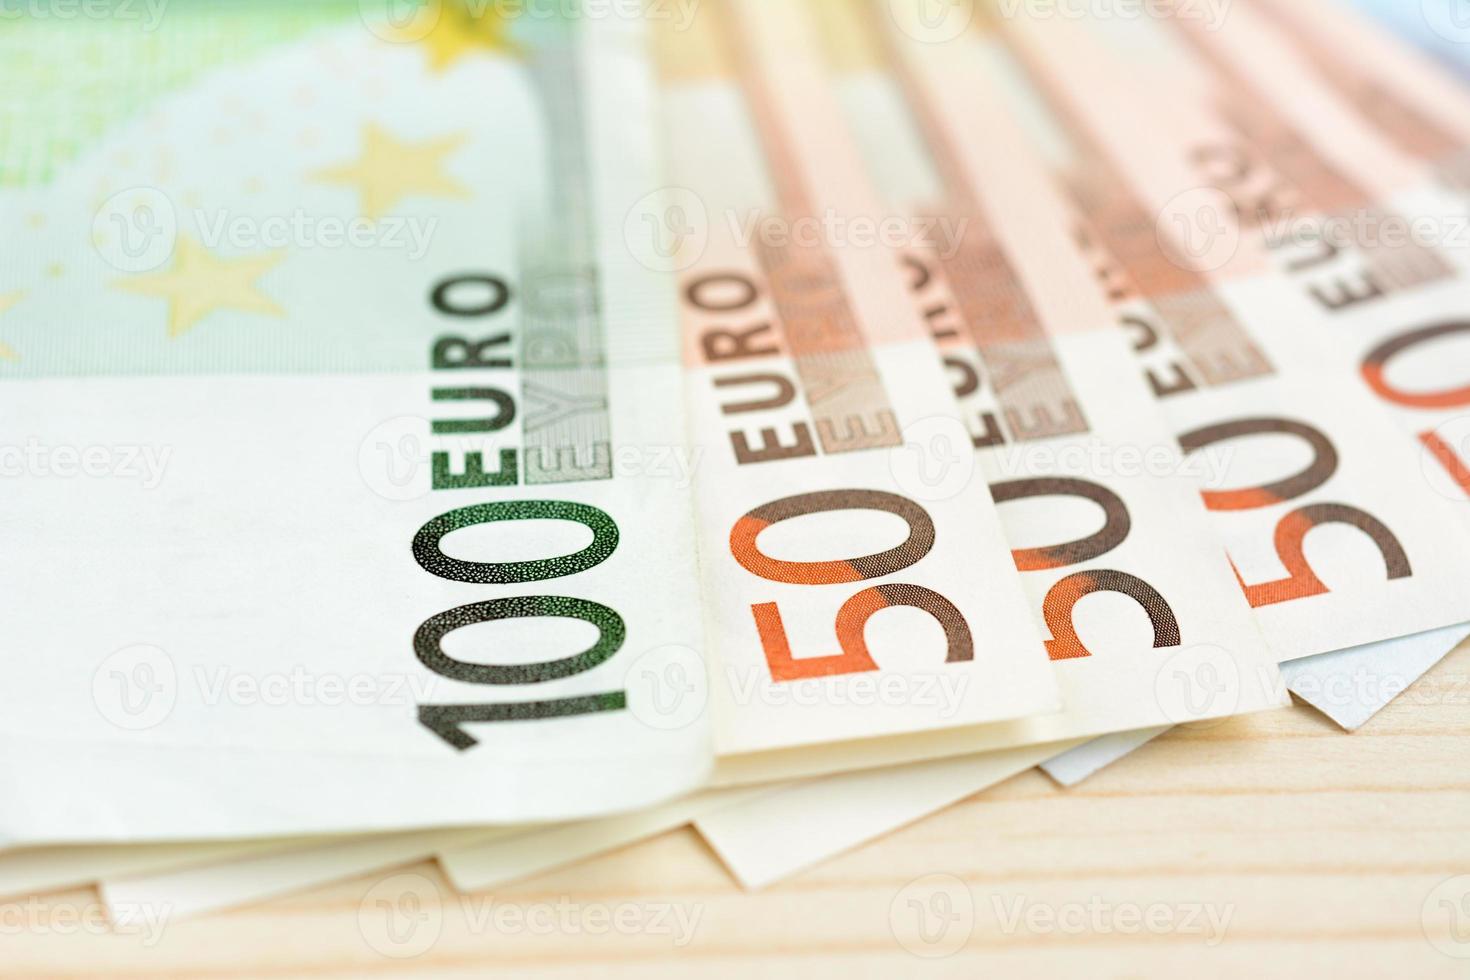 notas de dinheiro, notas de 100 e 50 euros (eur) foto